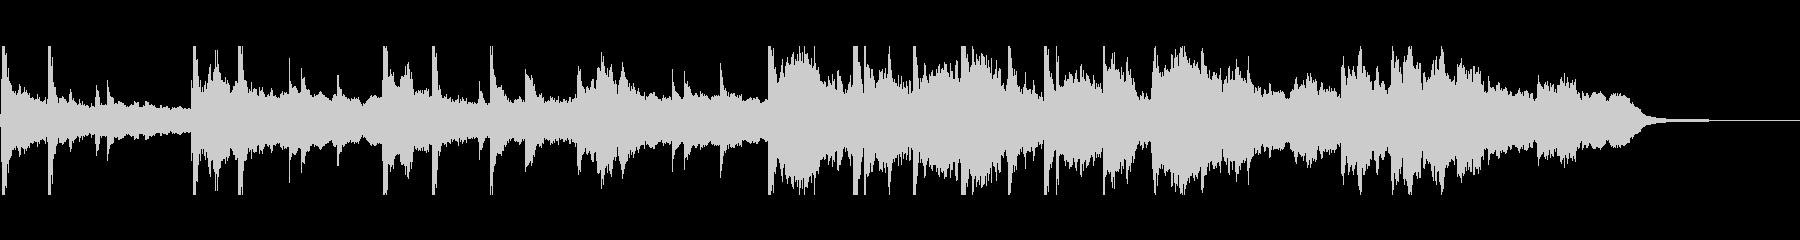 ゆったりした切ない雰囲気のBGMの未再生の波形